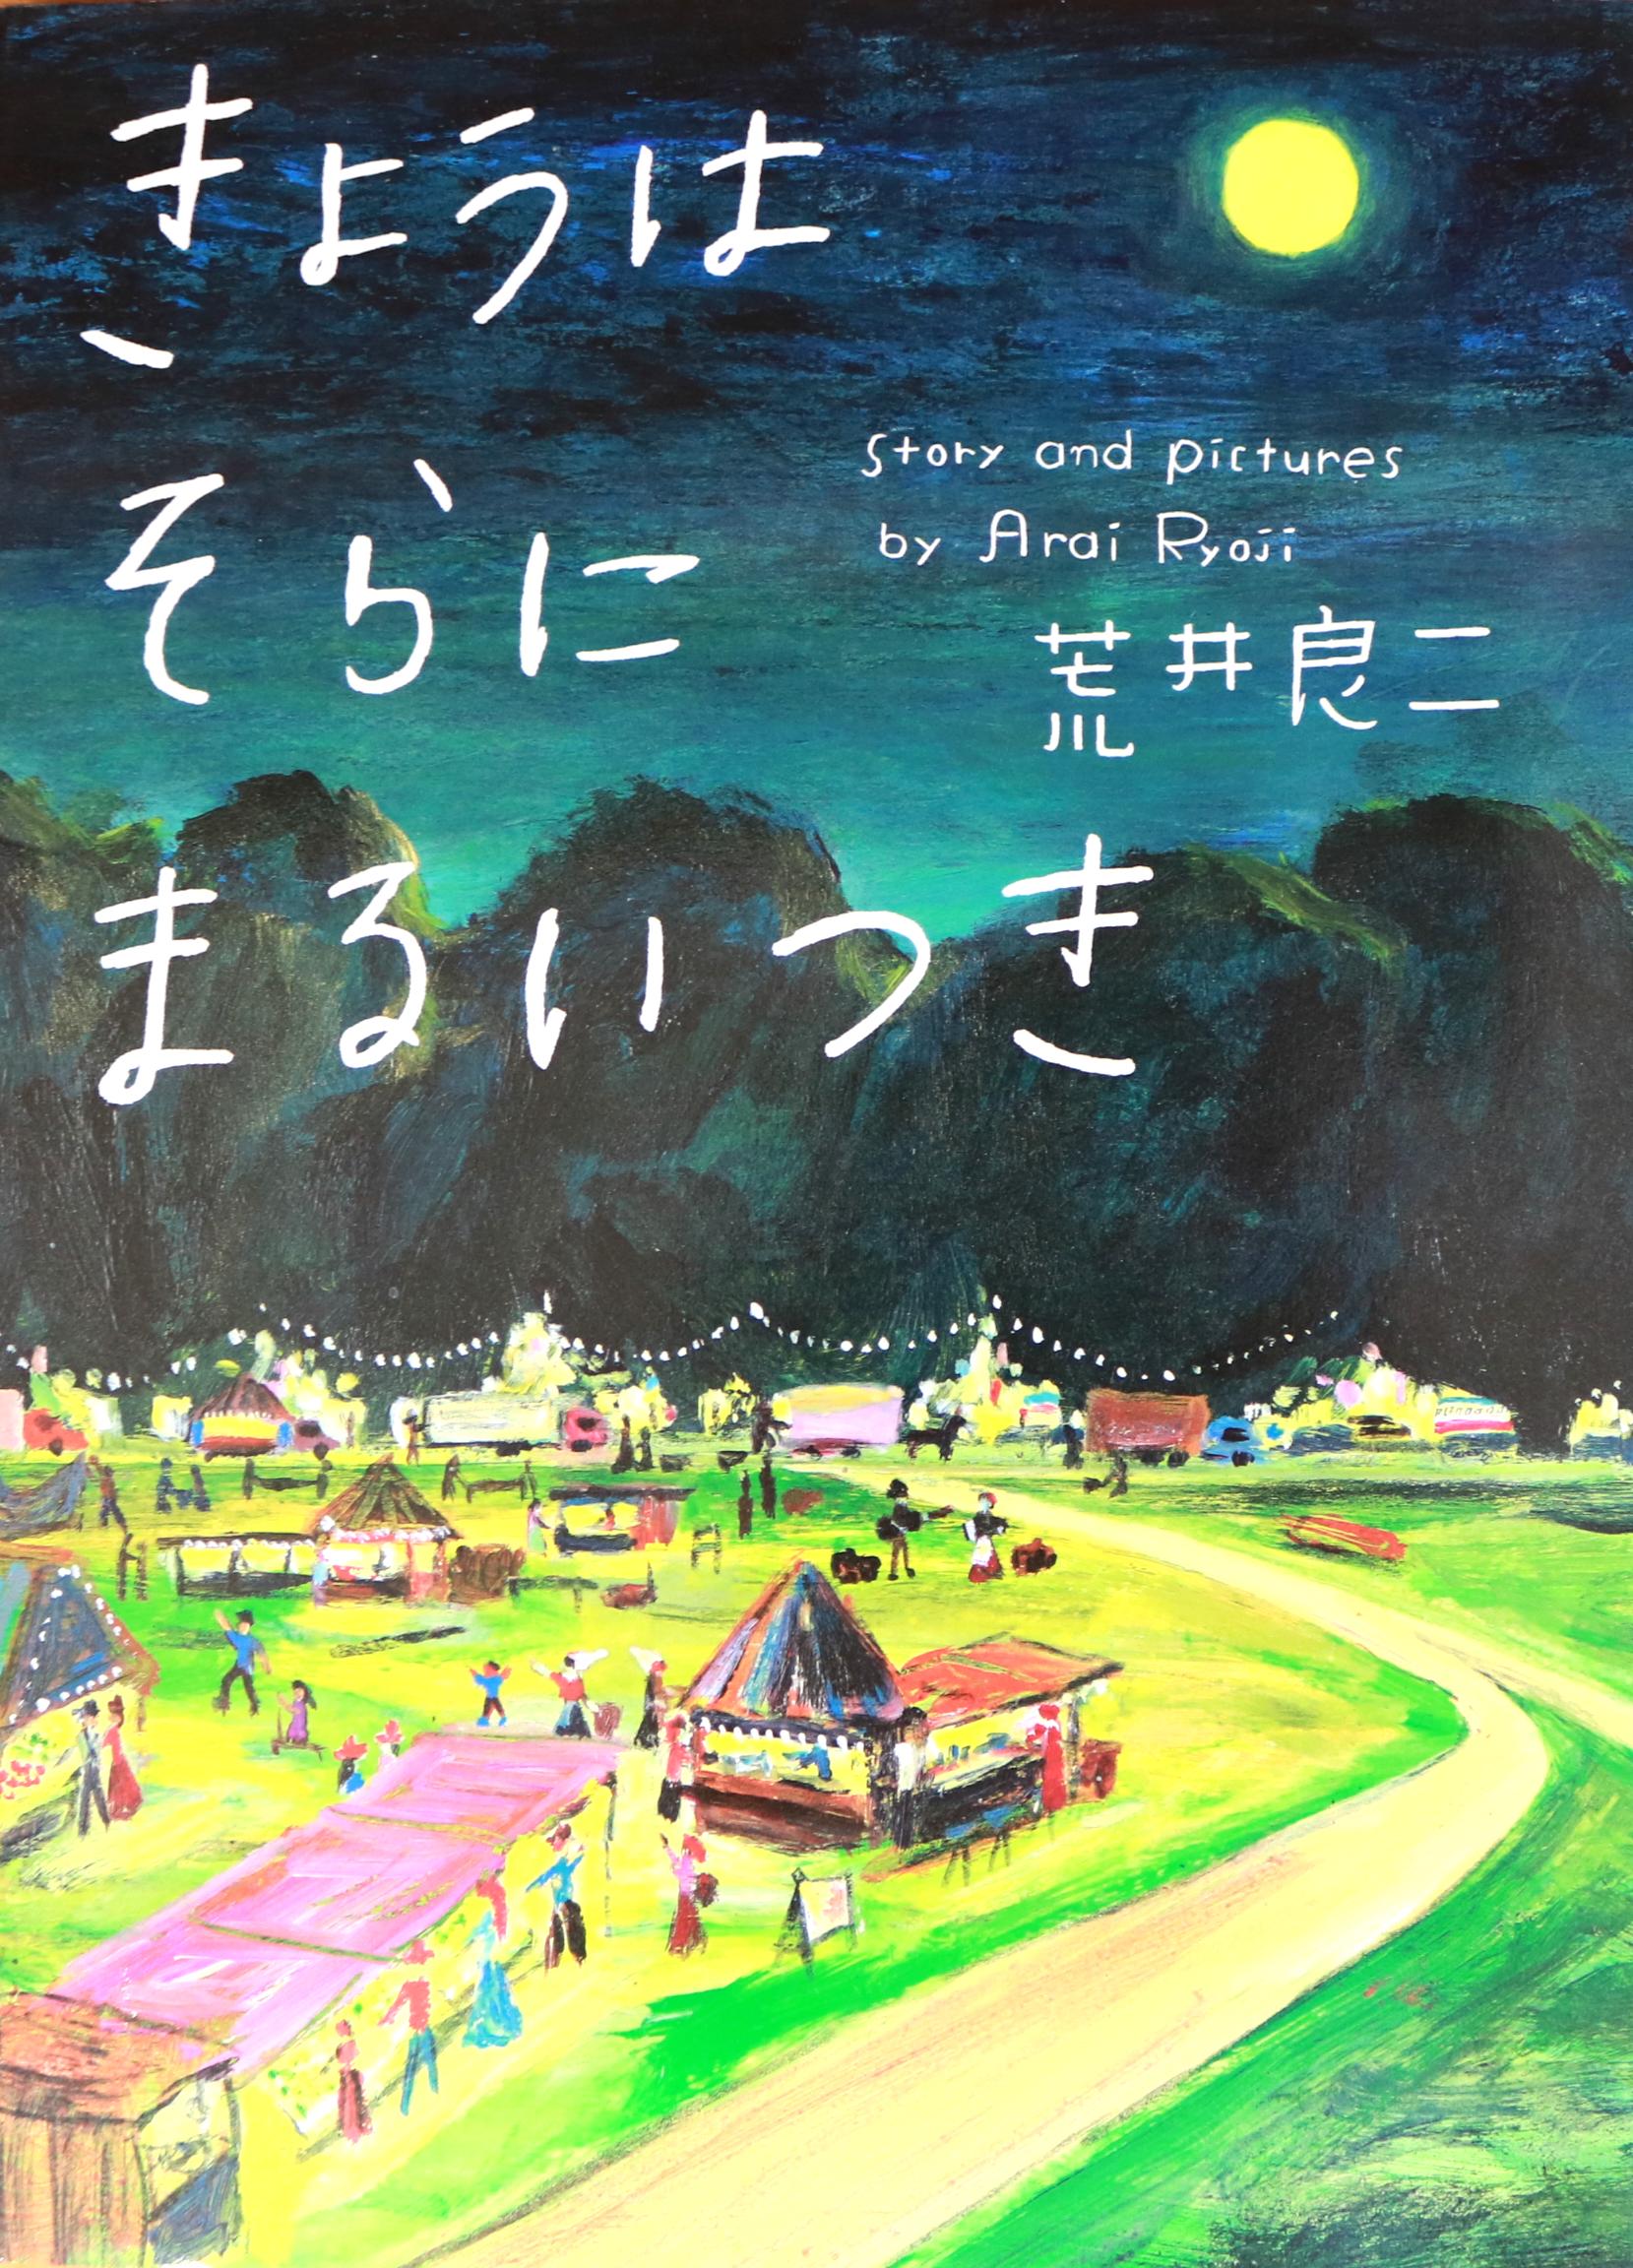 秋の夜空に光る「お月さま」をテーマにした絵本